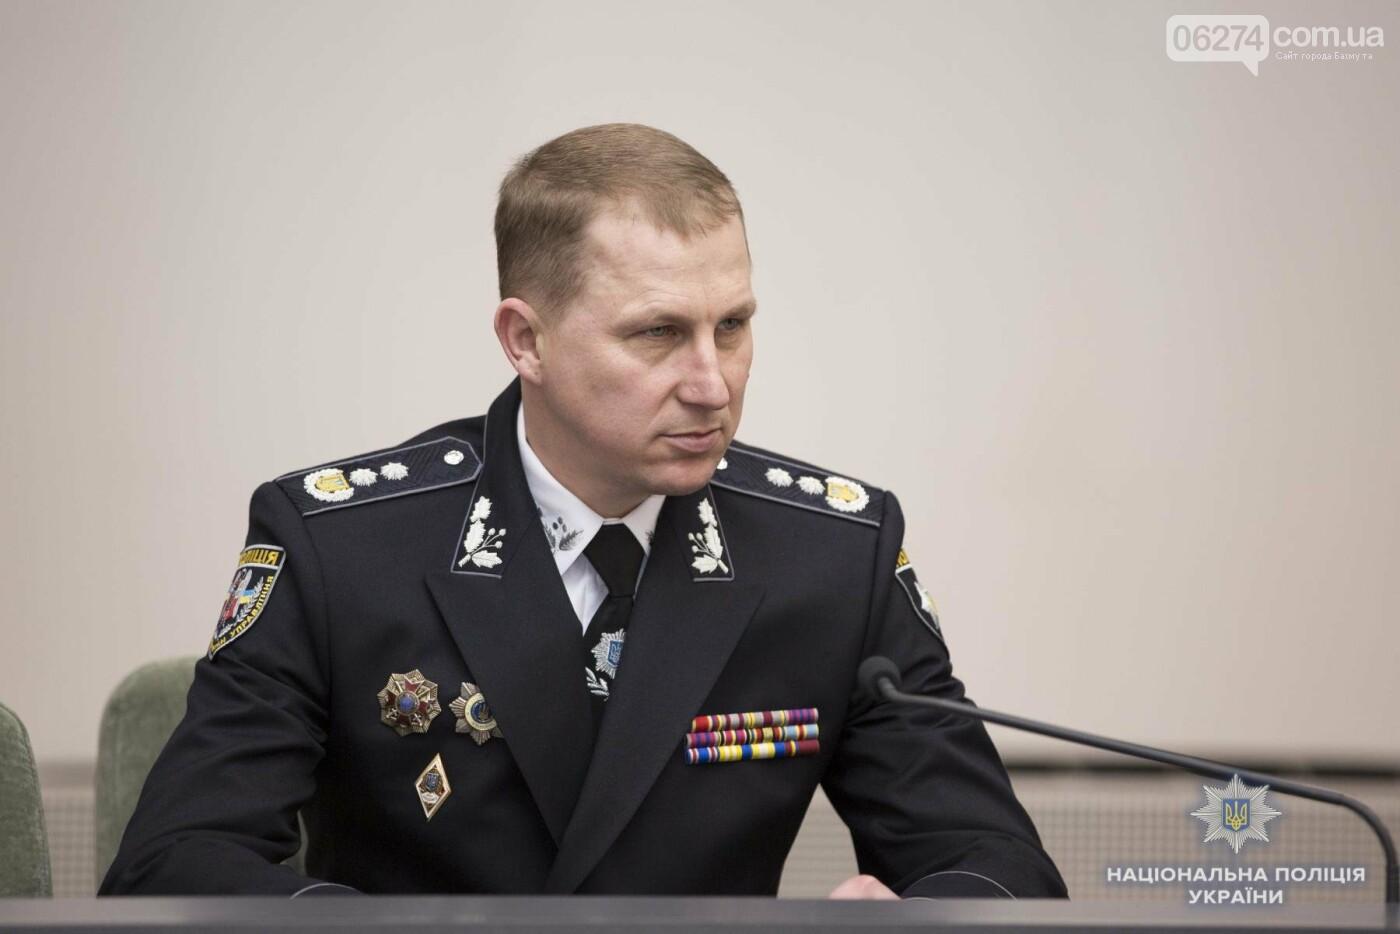 Начальник криминальной полиции Бахмута Ярослав Меженный получил награду от главы Нацполиции Сергея Князева, фото-3